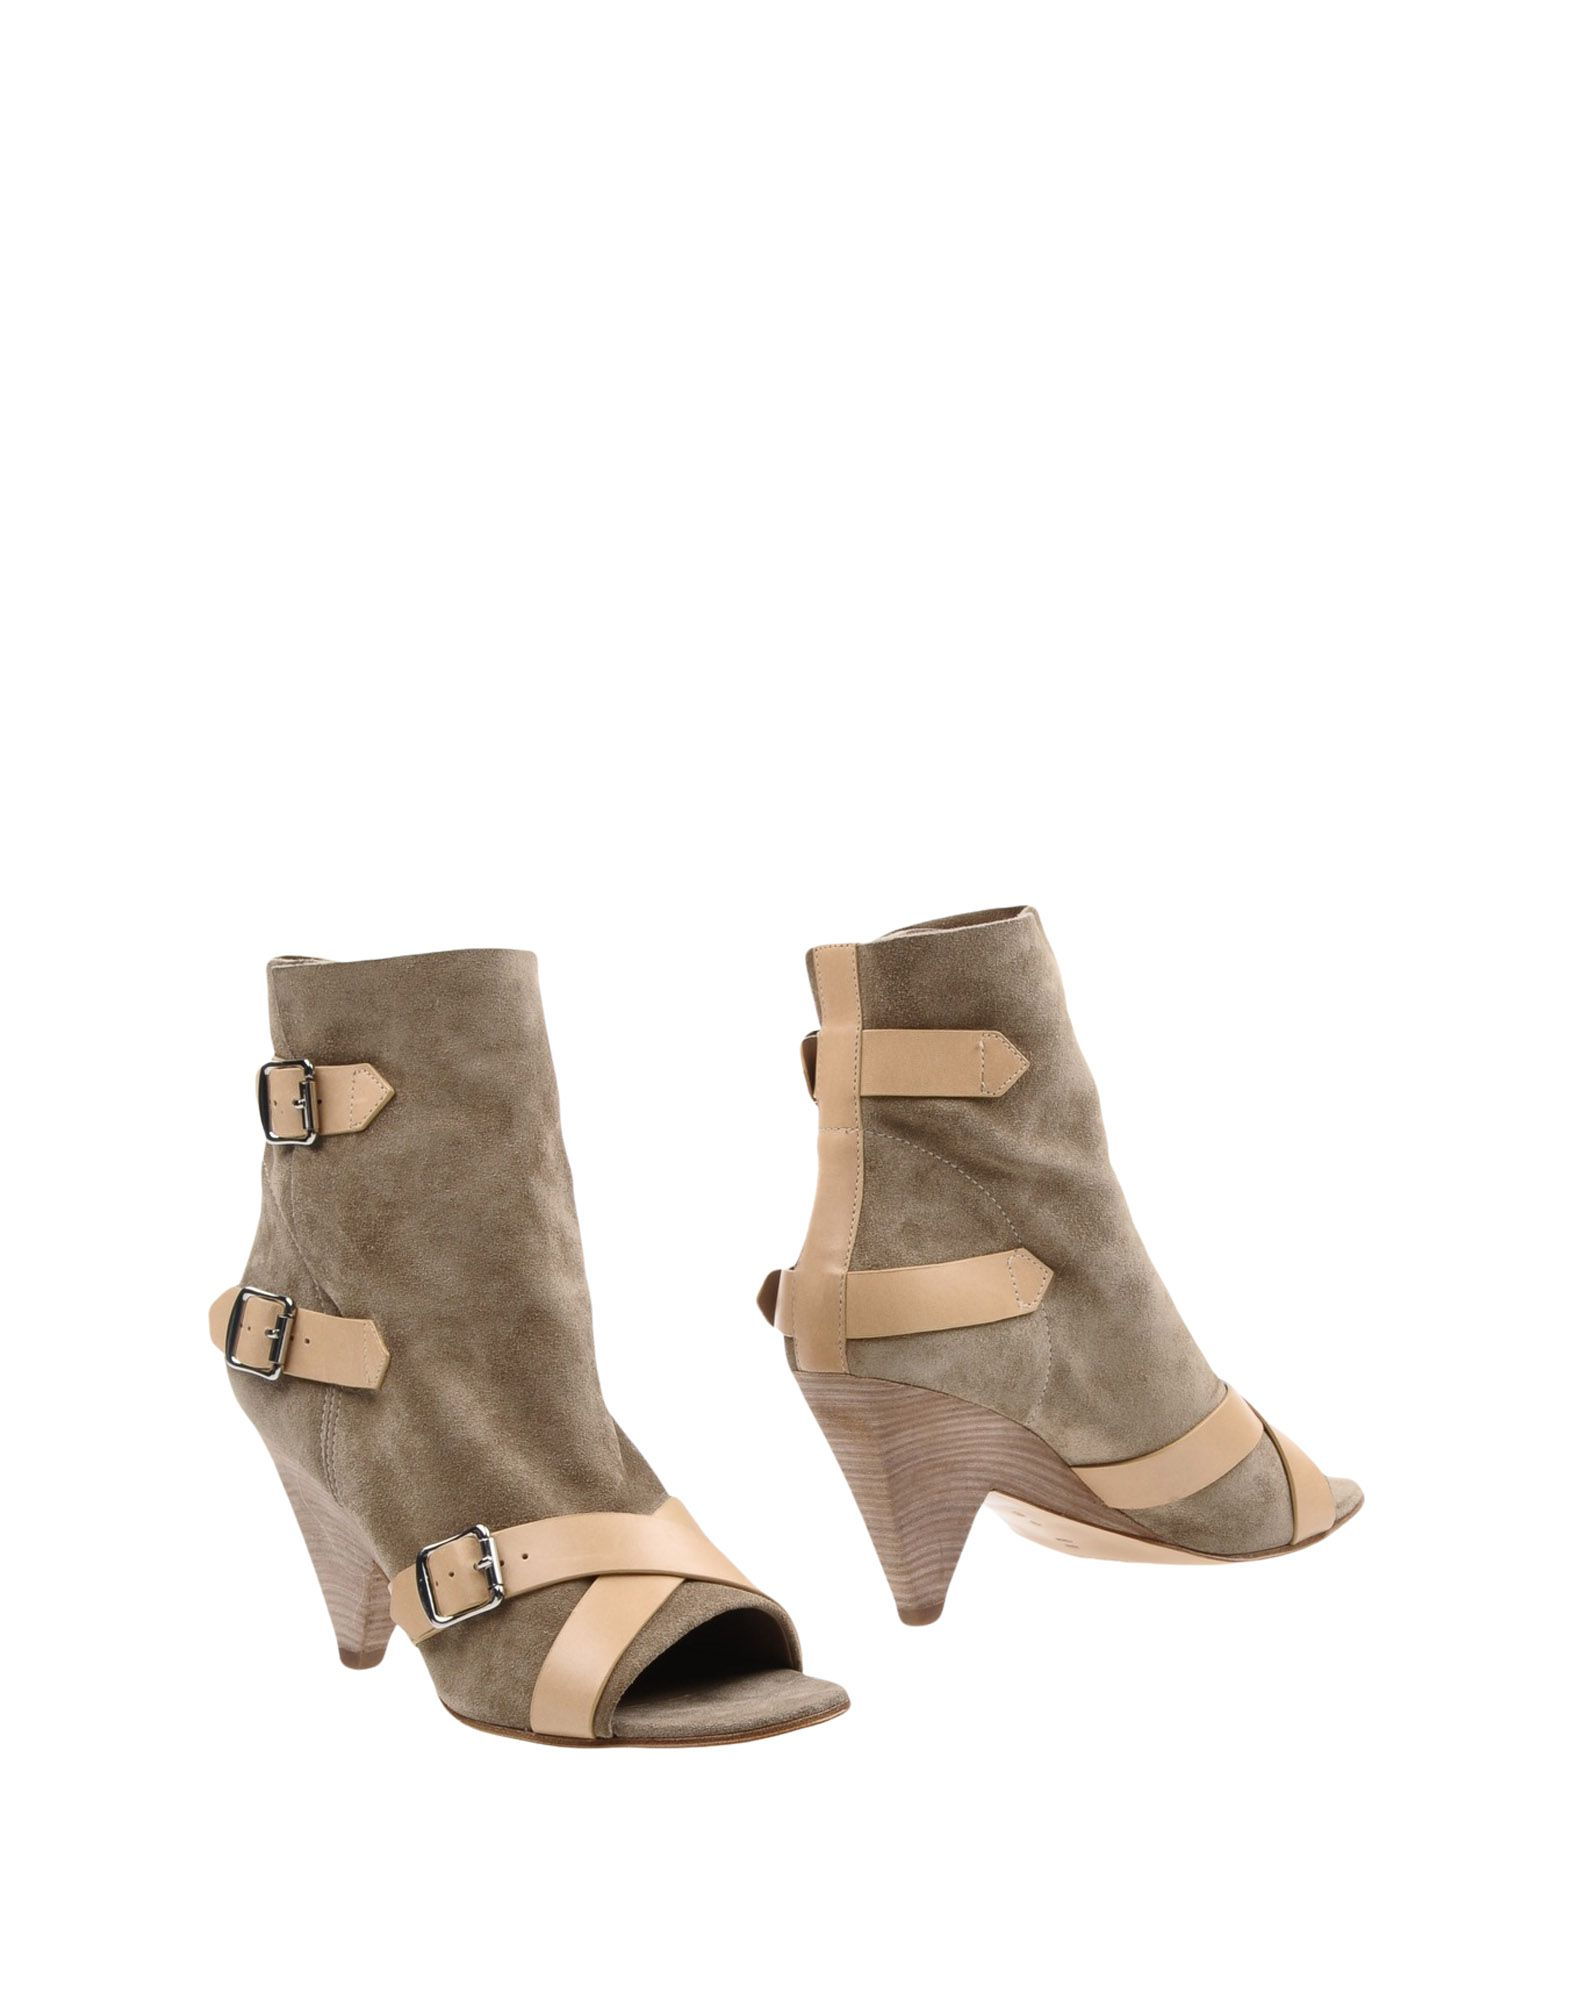 купить BELLE BY SIGERSON MORRISON Полусапоги и высокие ботинки дешево